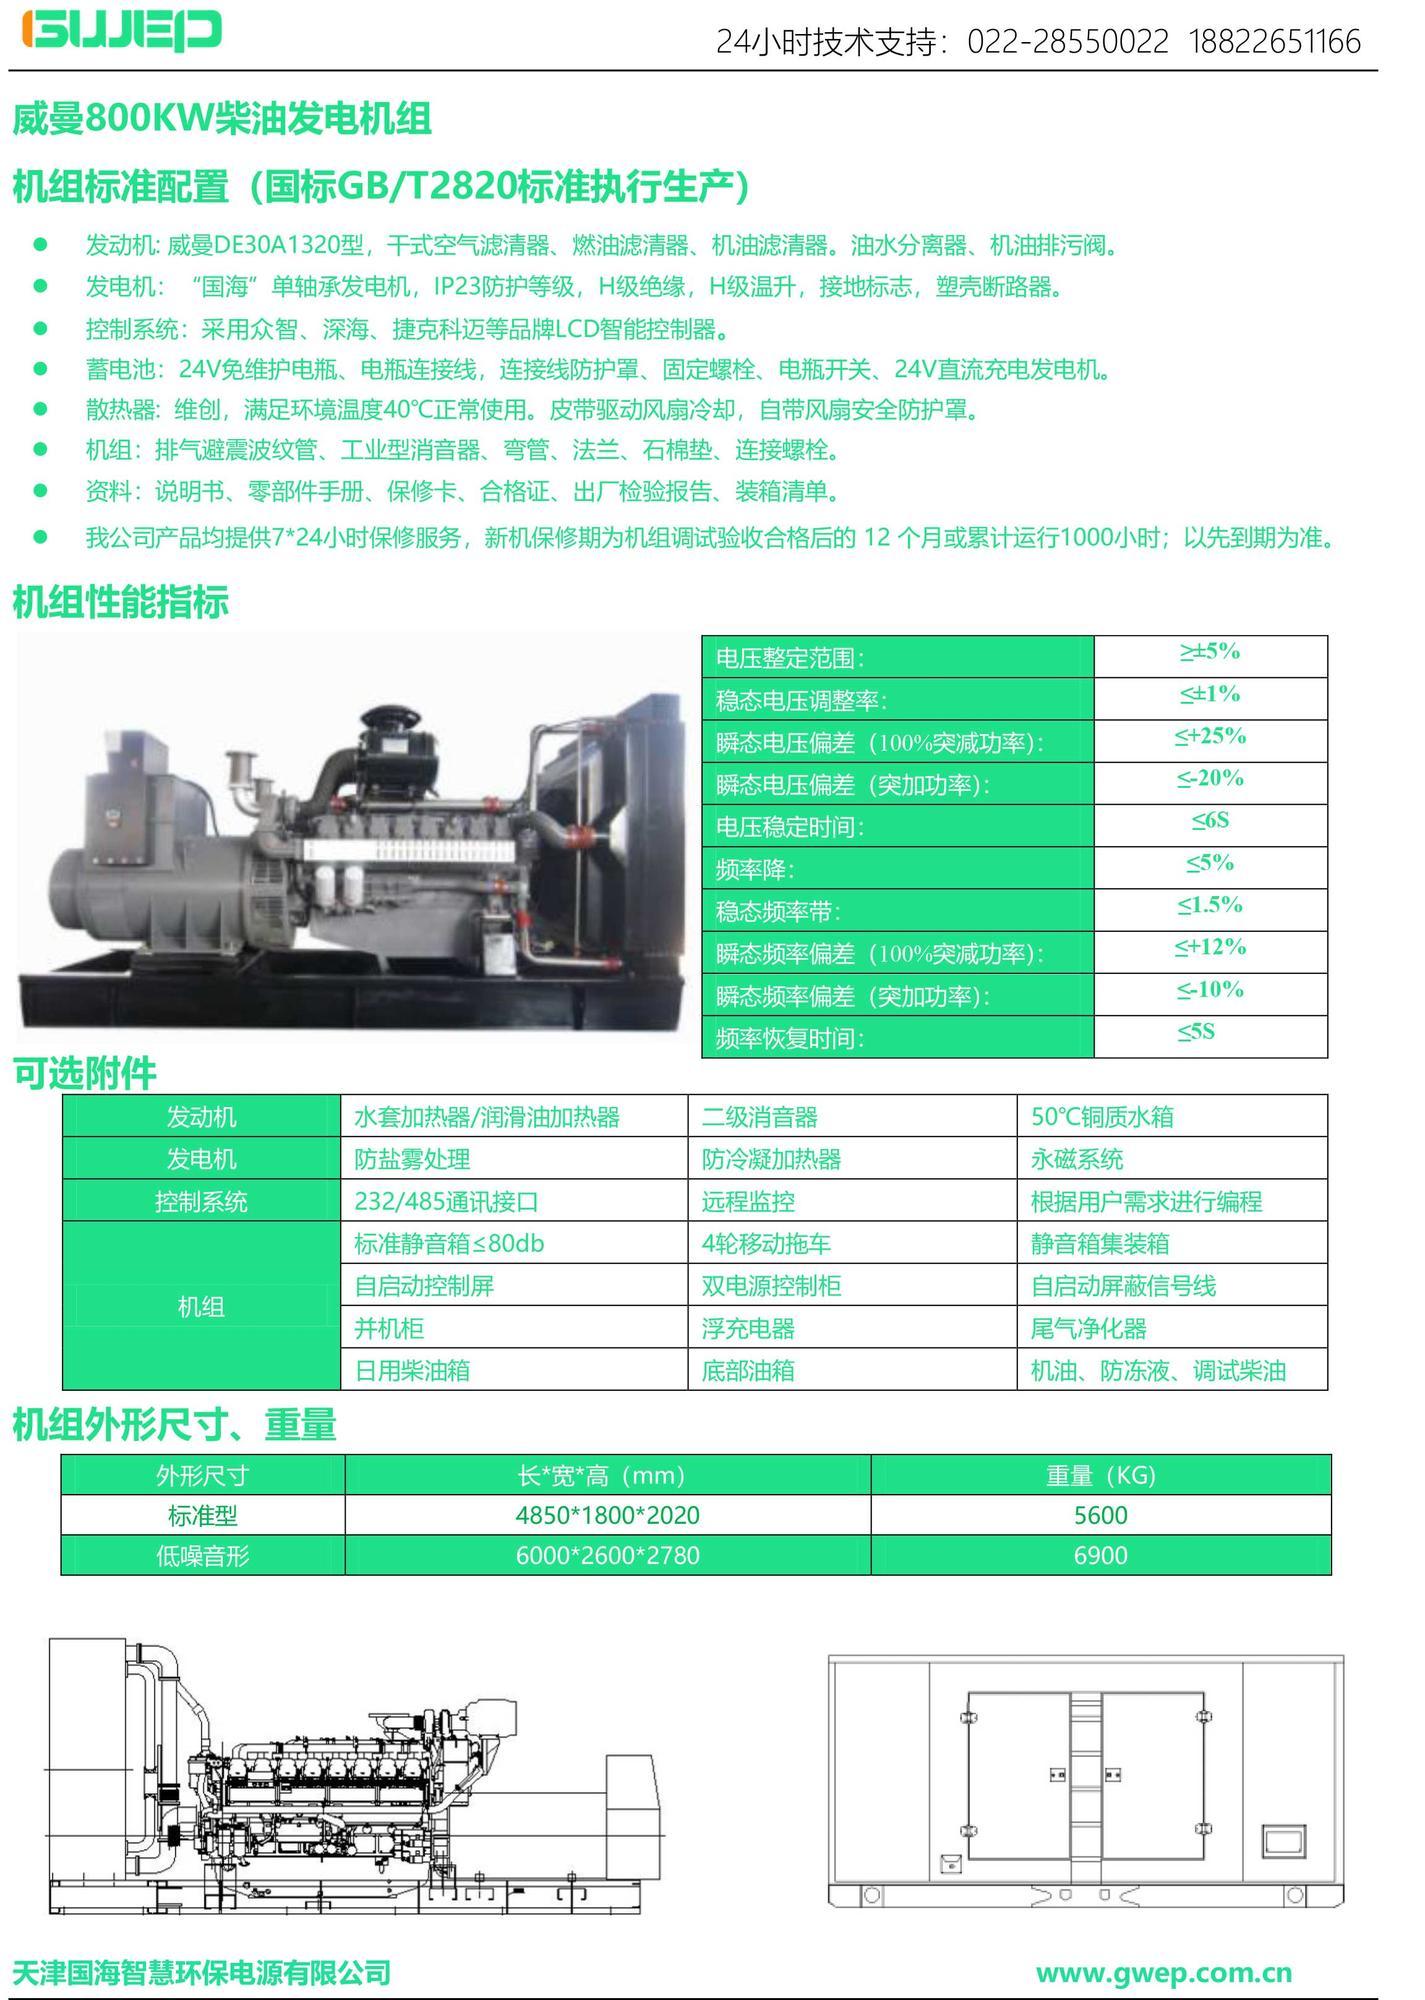 威曼800KW发电机组技术资料-1.jpg